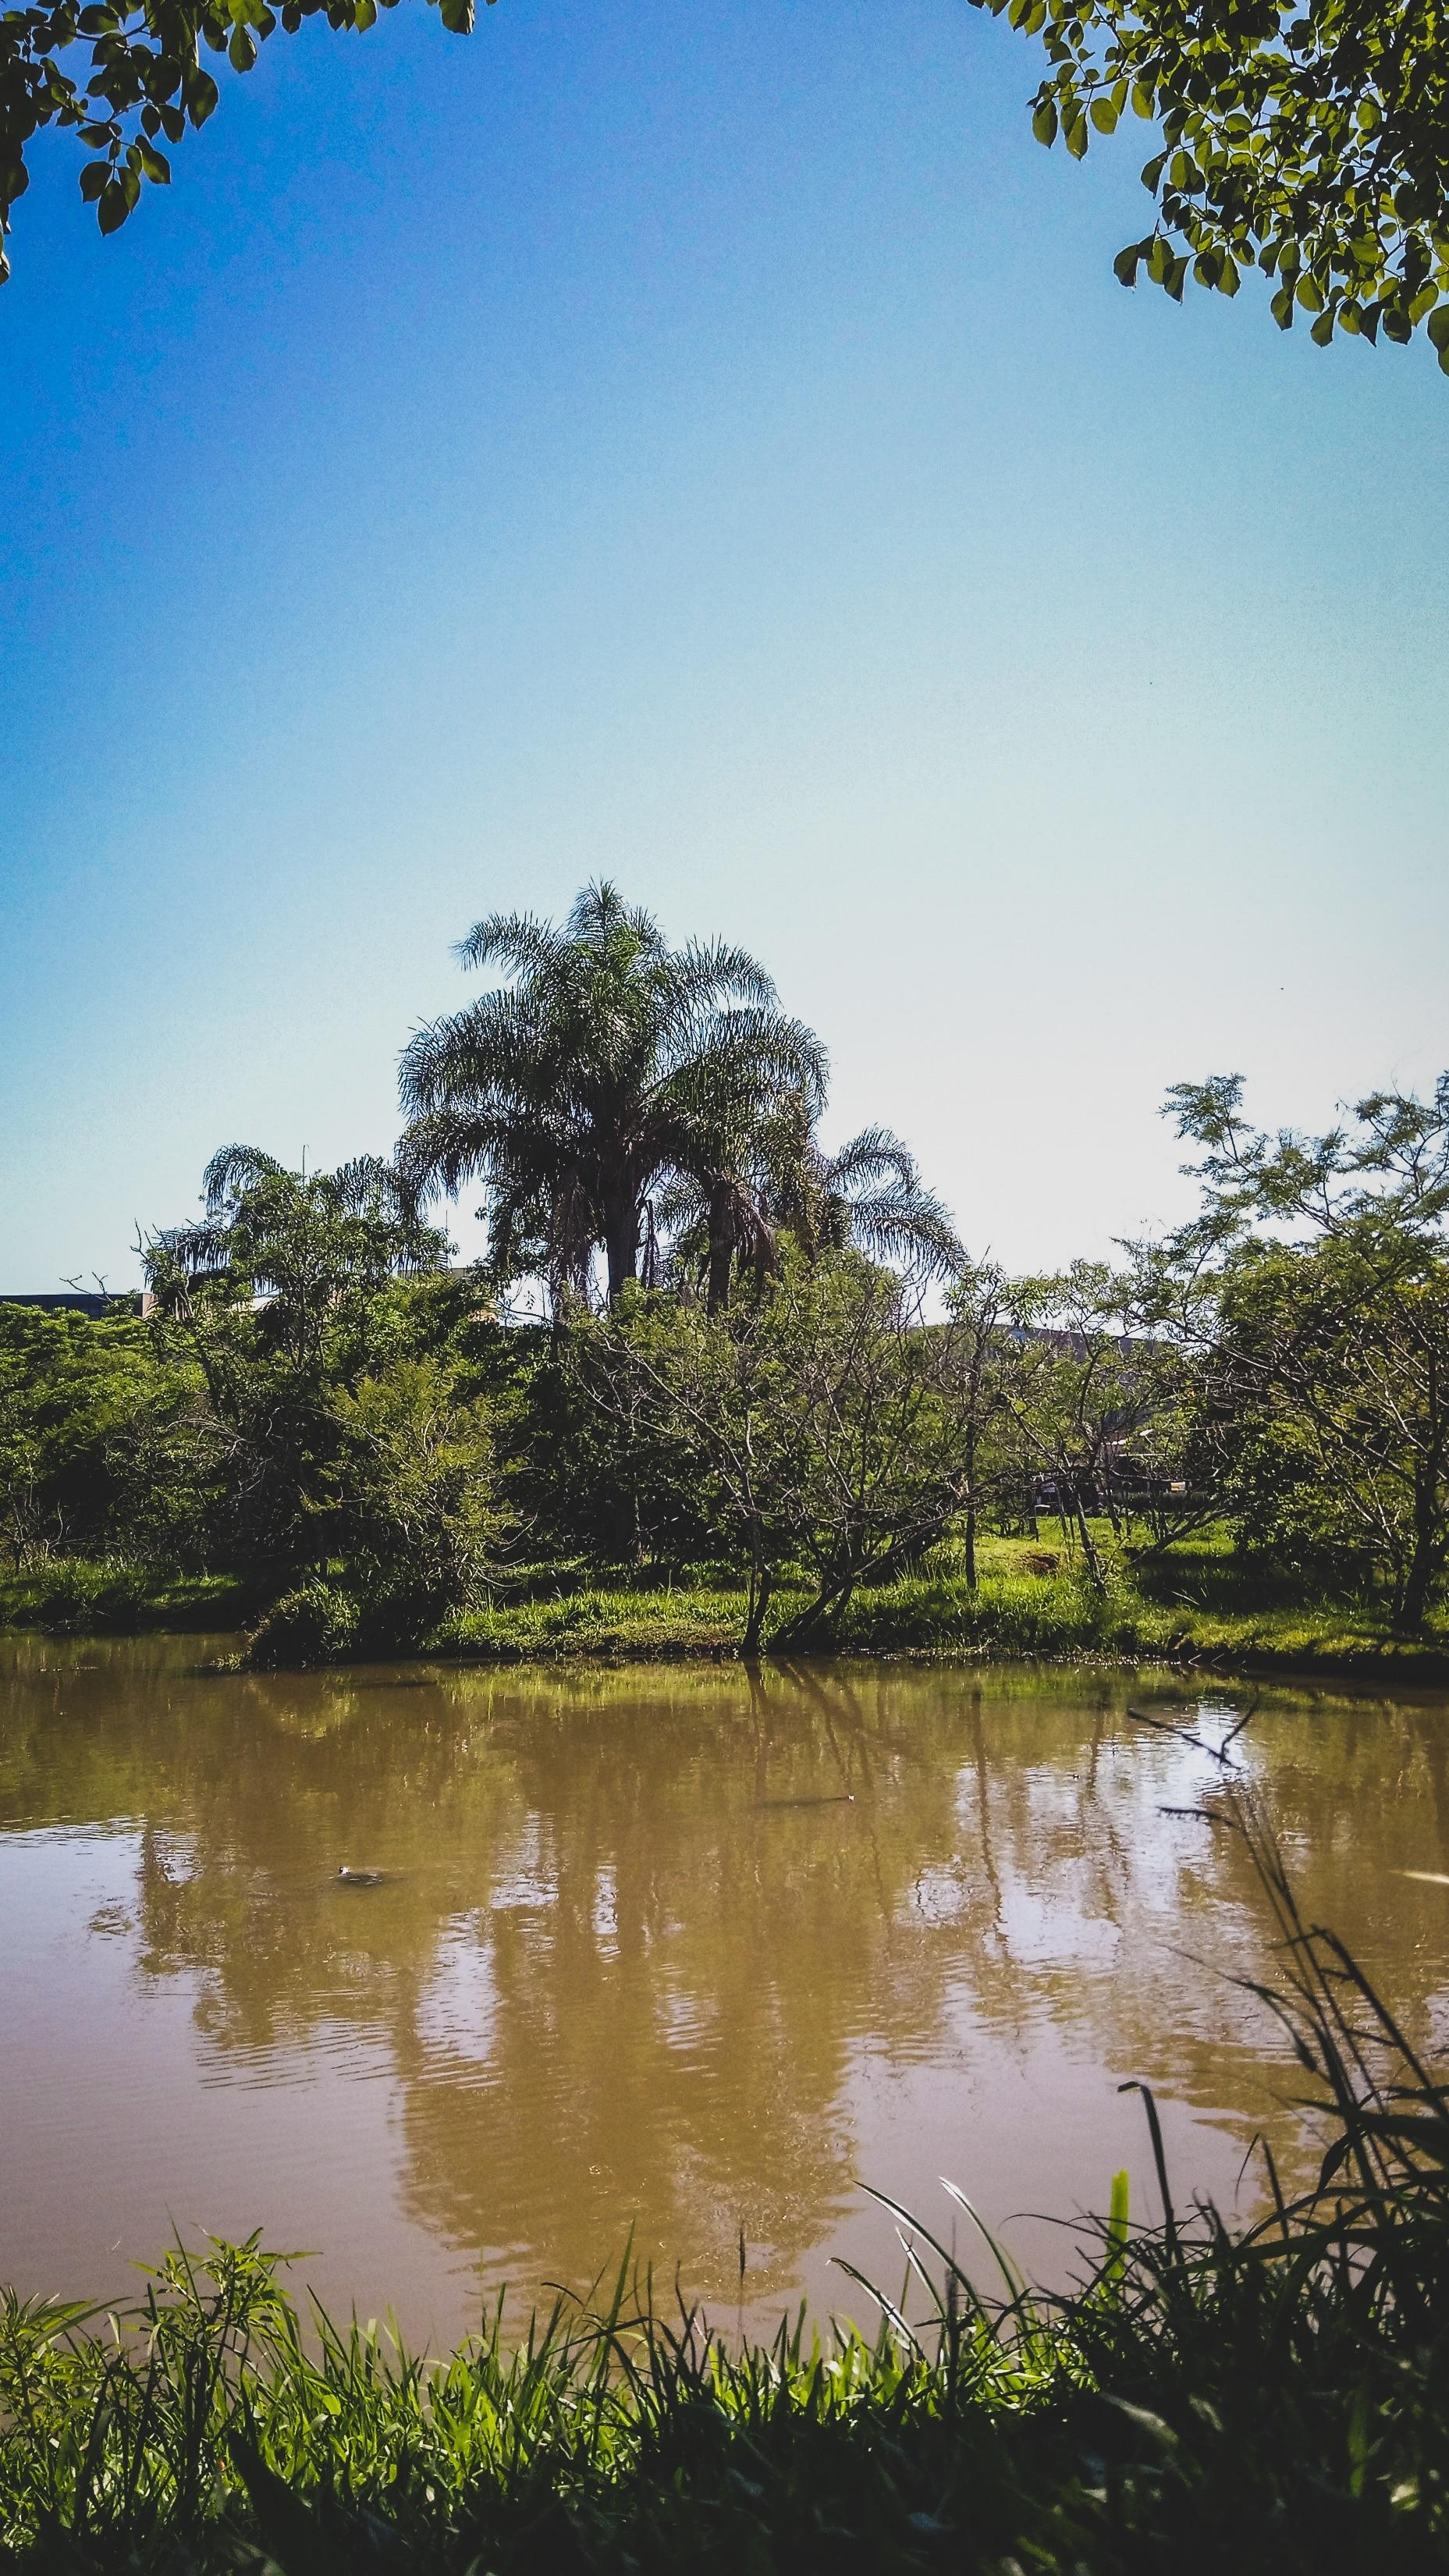 Gravataí, Rio Grande do Sul (Bundesstaat), Brasilien